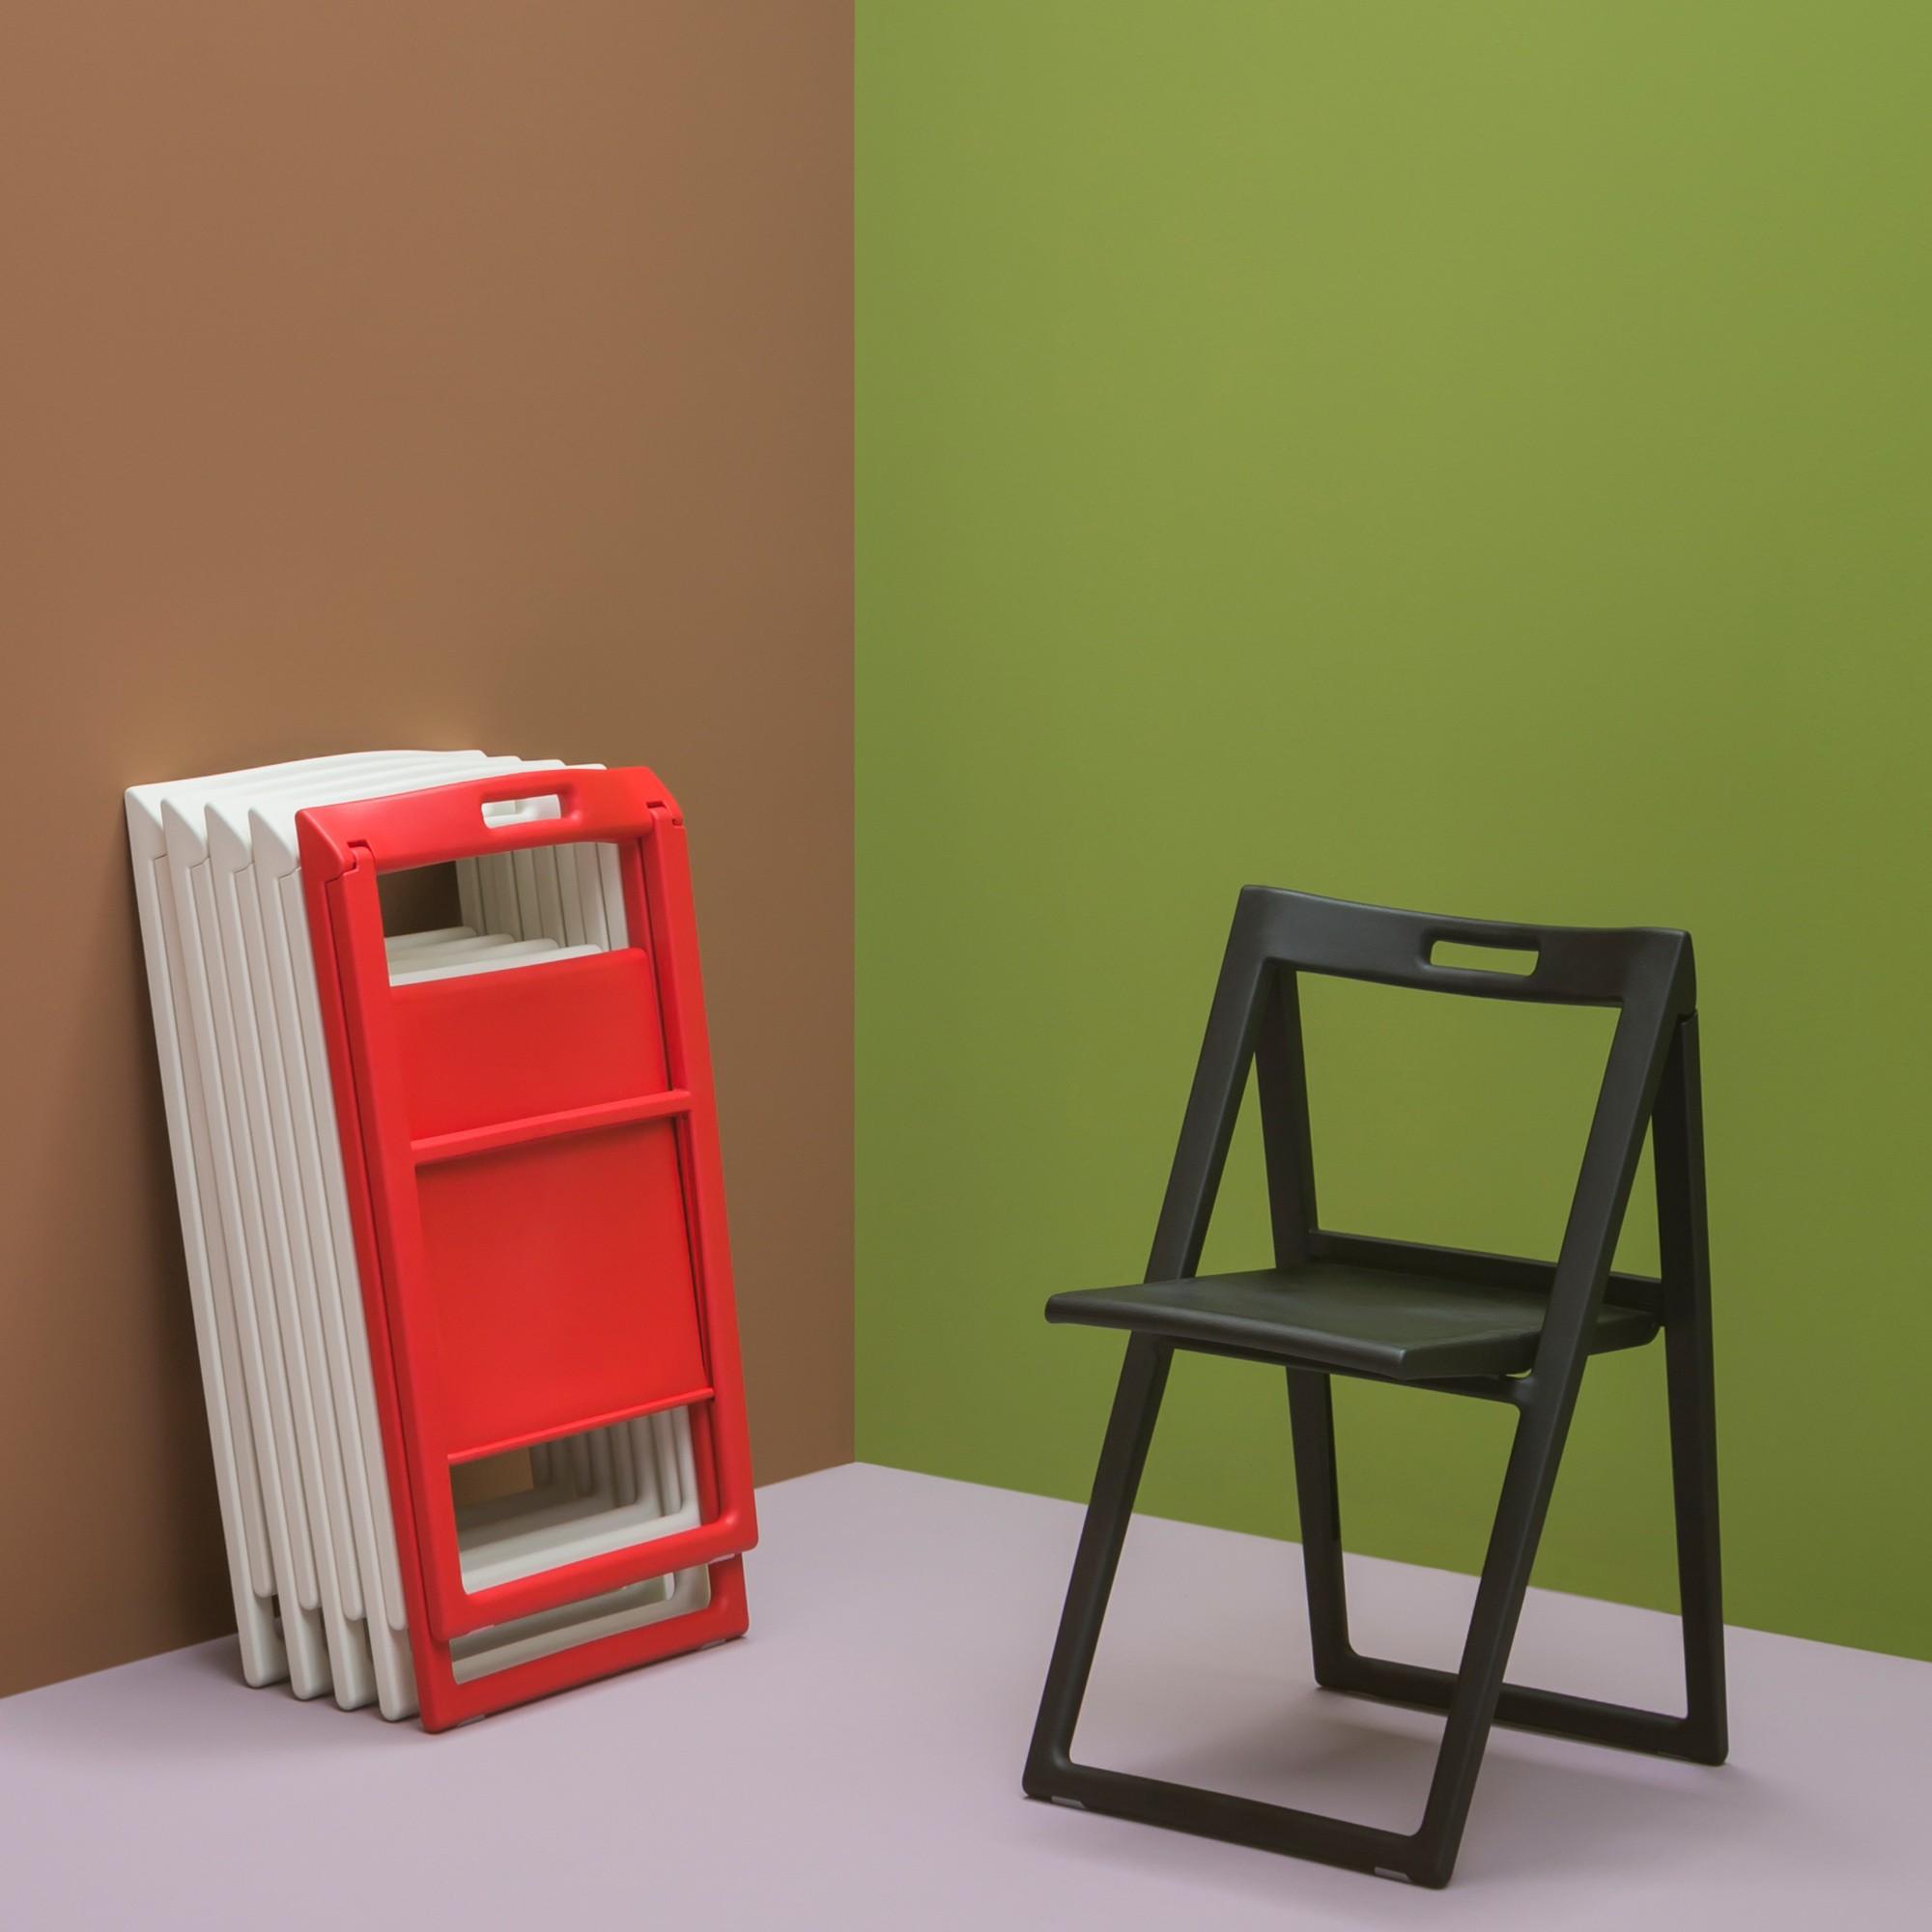 Chaise 460 de Enjoy pliable jardin AR4q3jL5